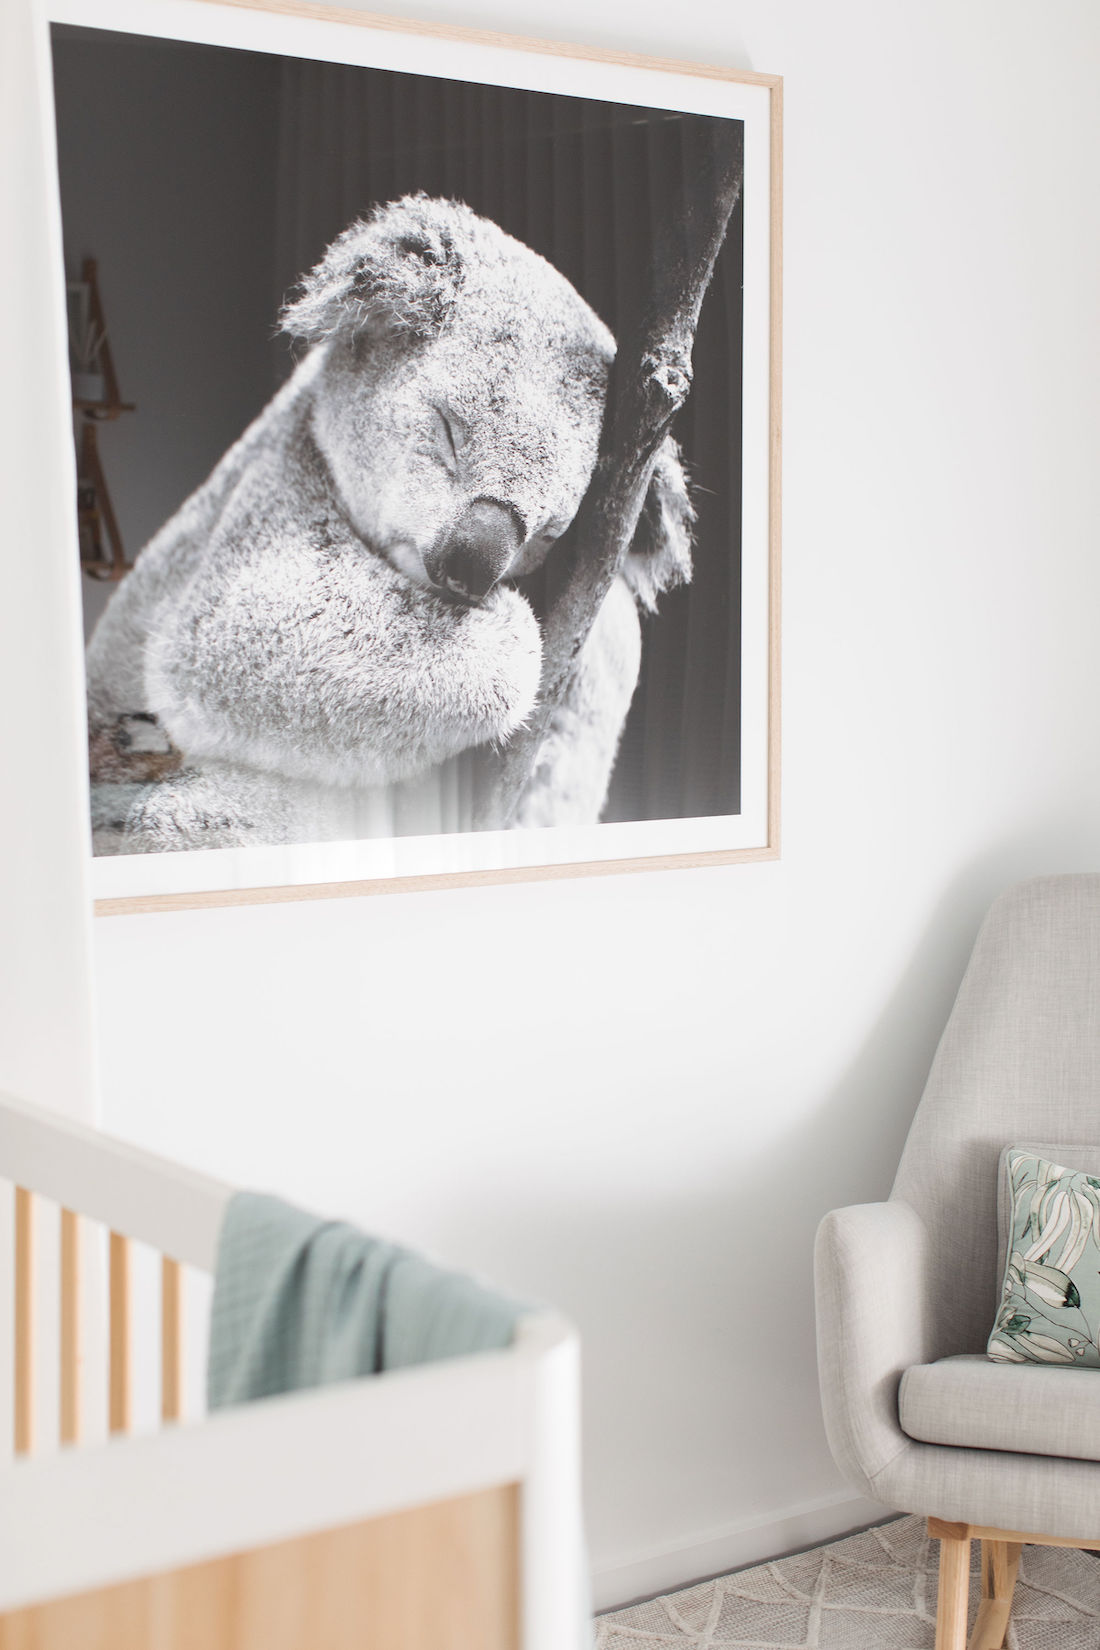 Koala artwork